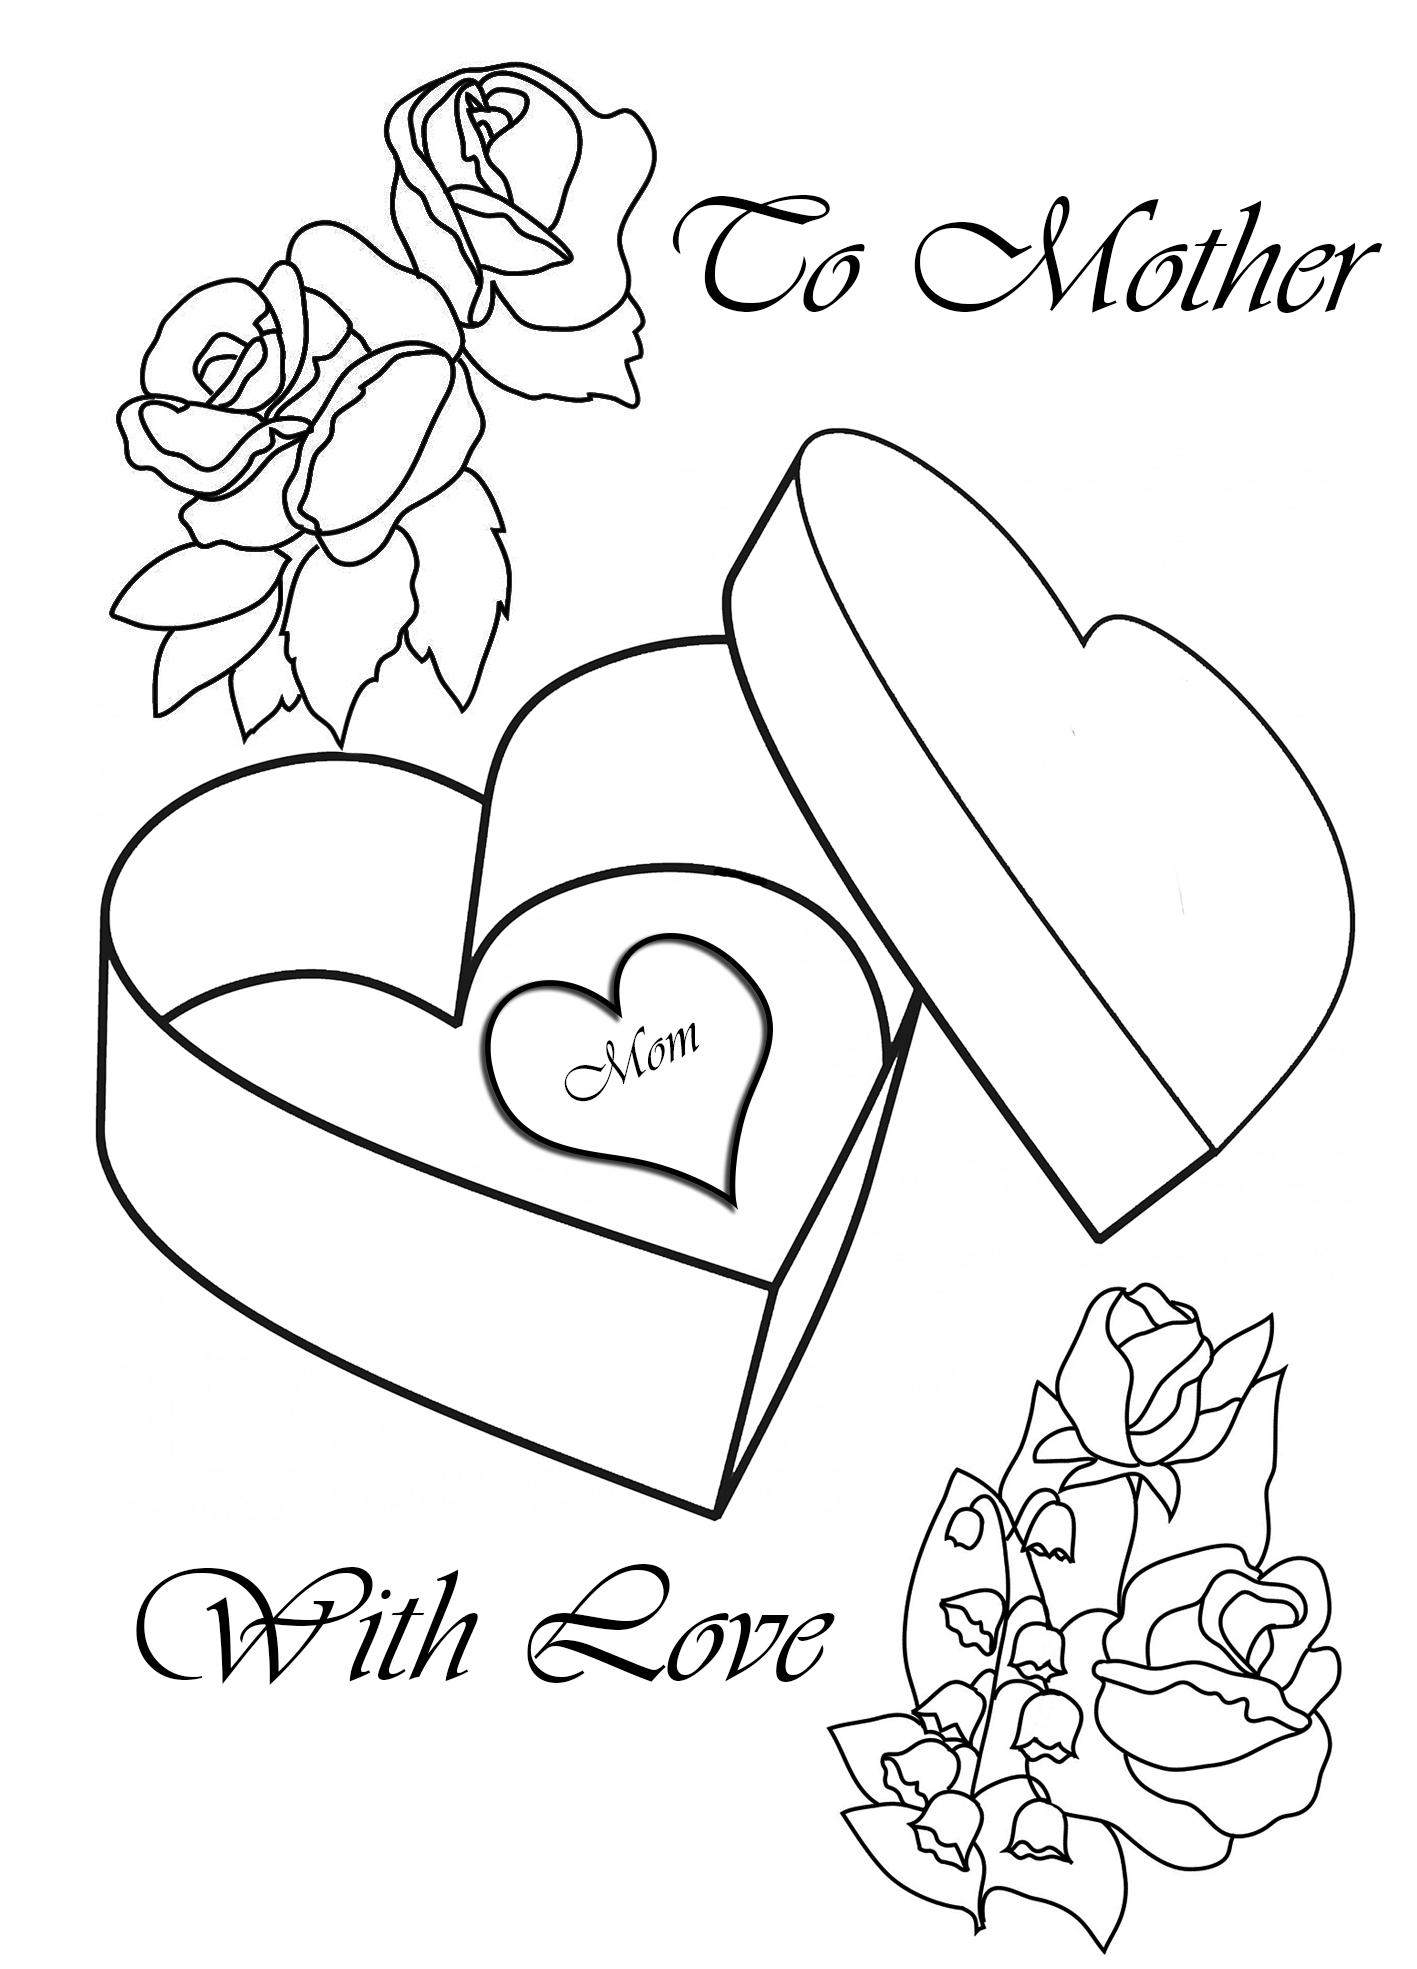 Tranh tô màu hộp quà trái tim đẹp nhất